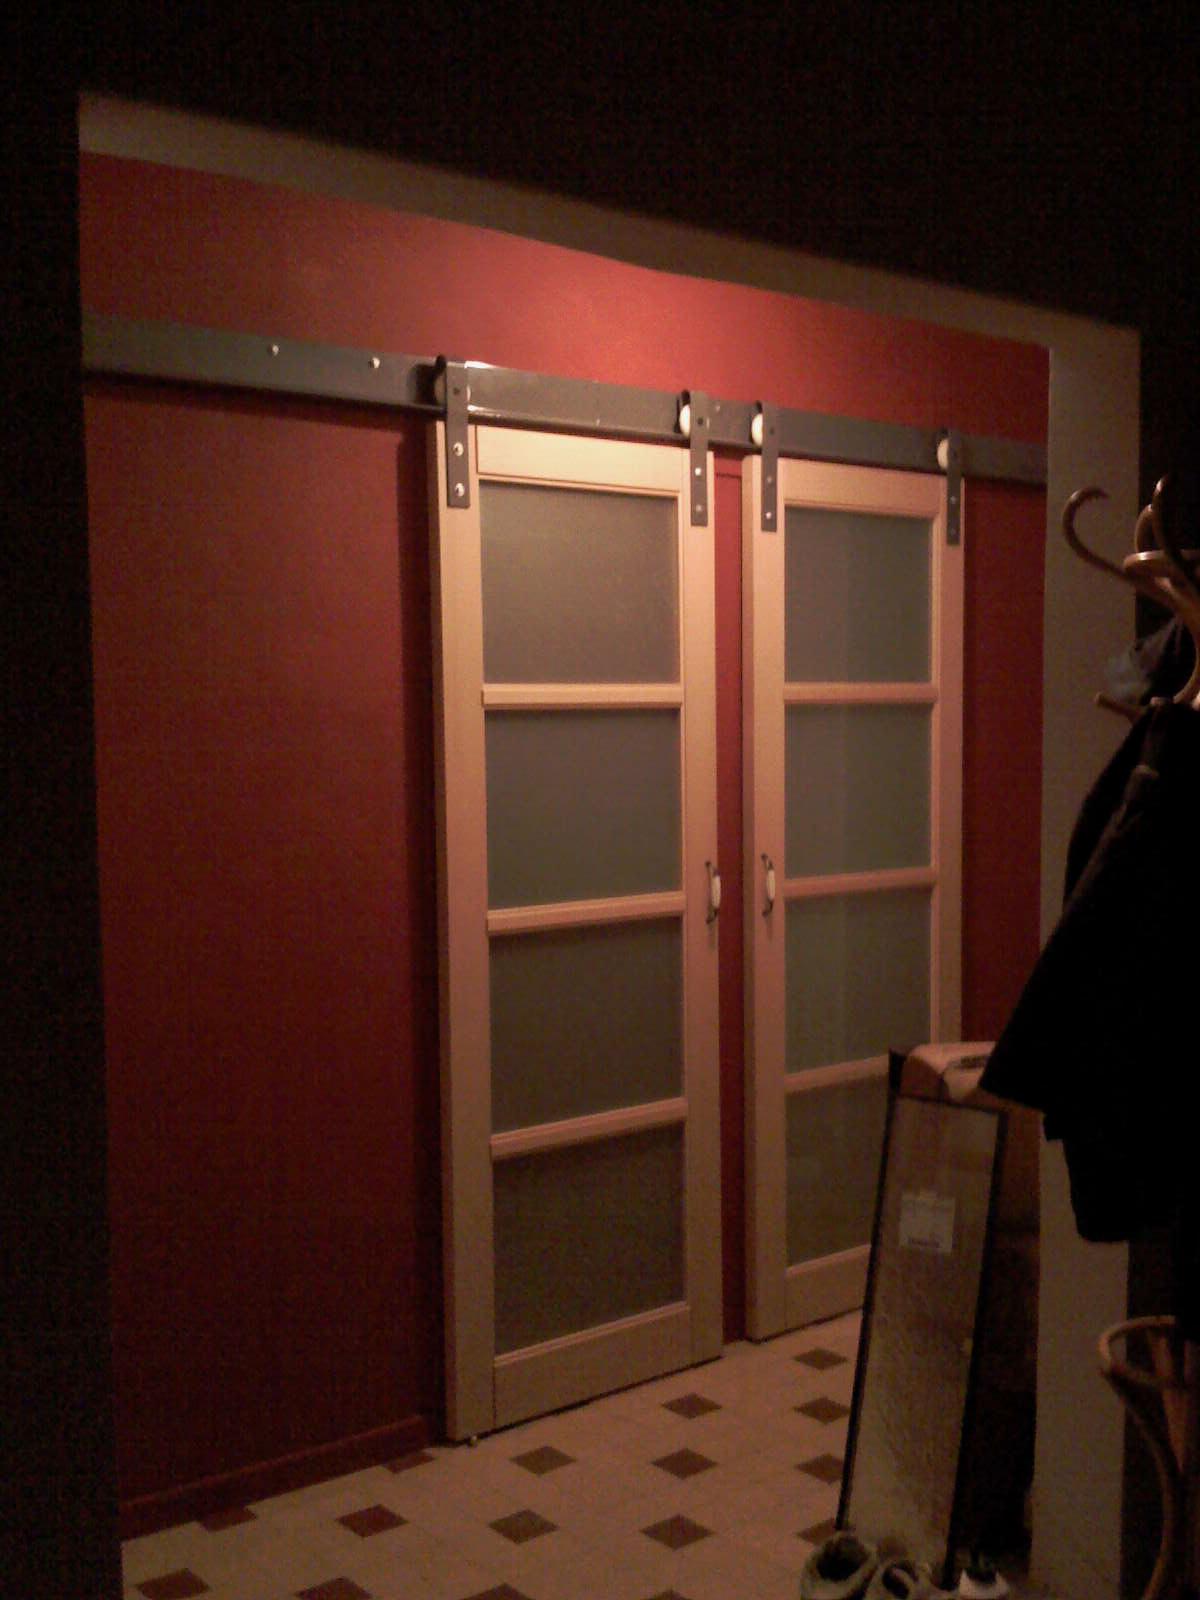 Fabriquer un porte coulissante menuiserie image et conseil - Fabriquer porte placard ...